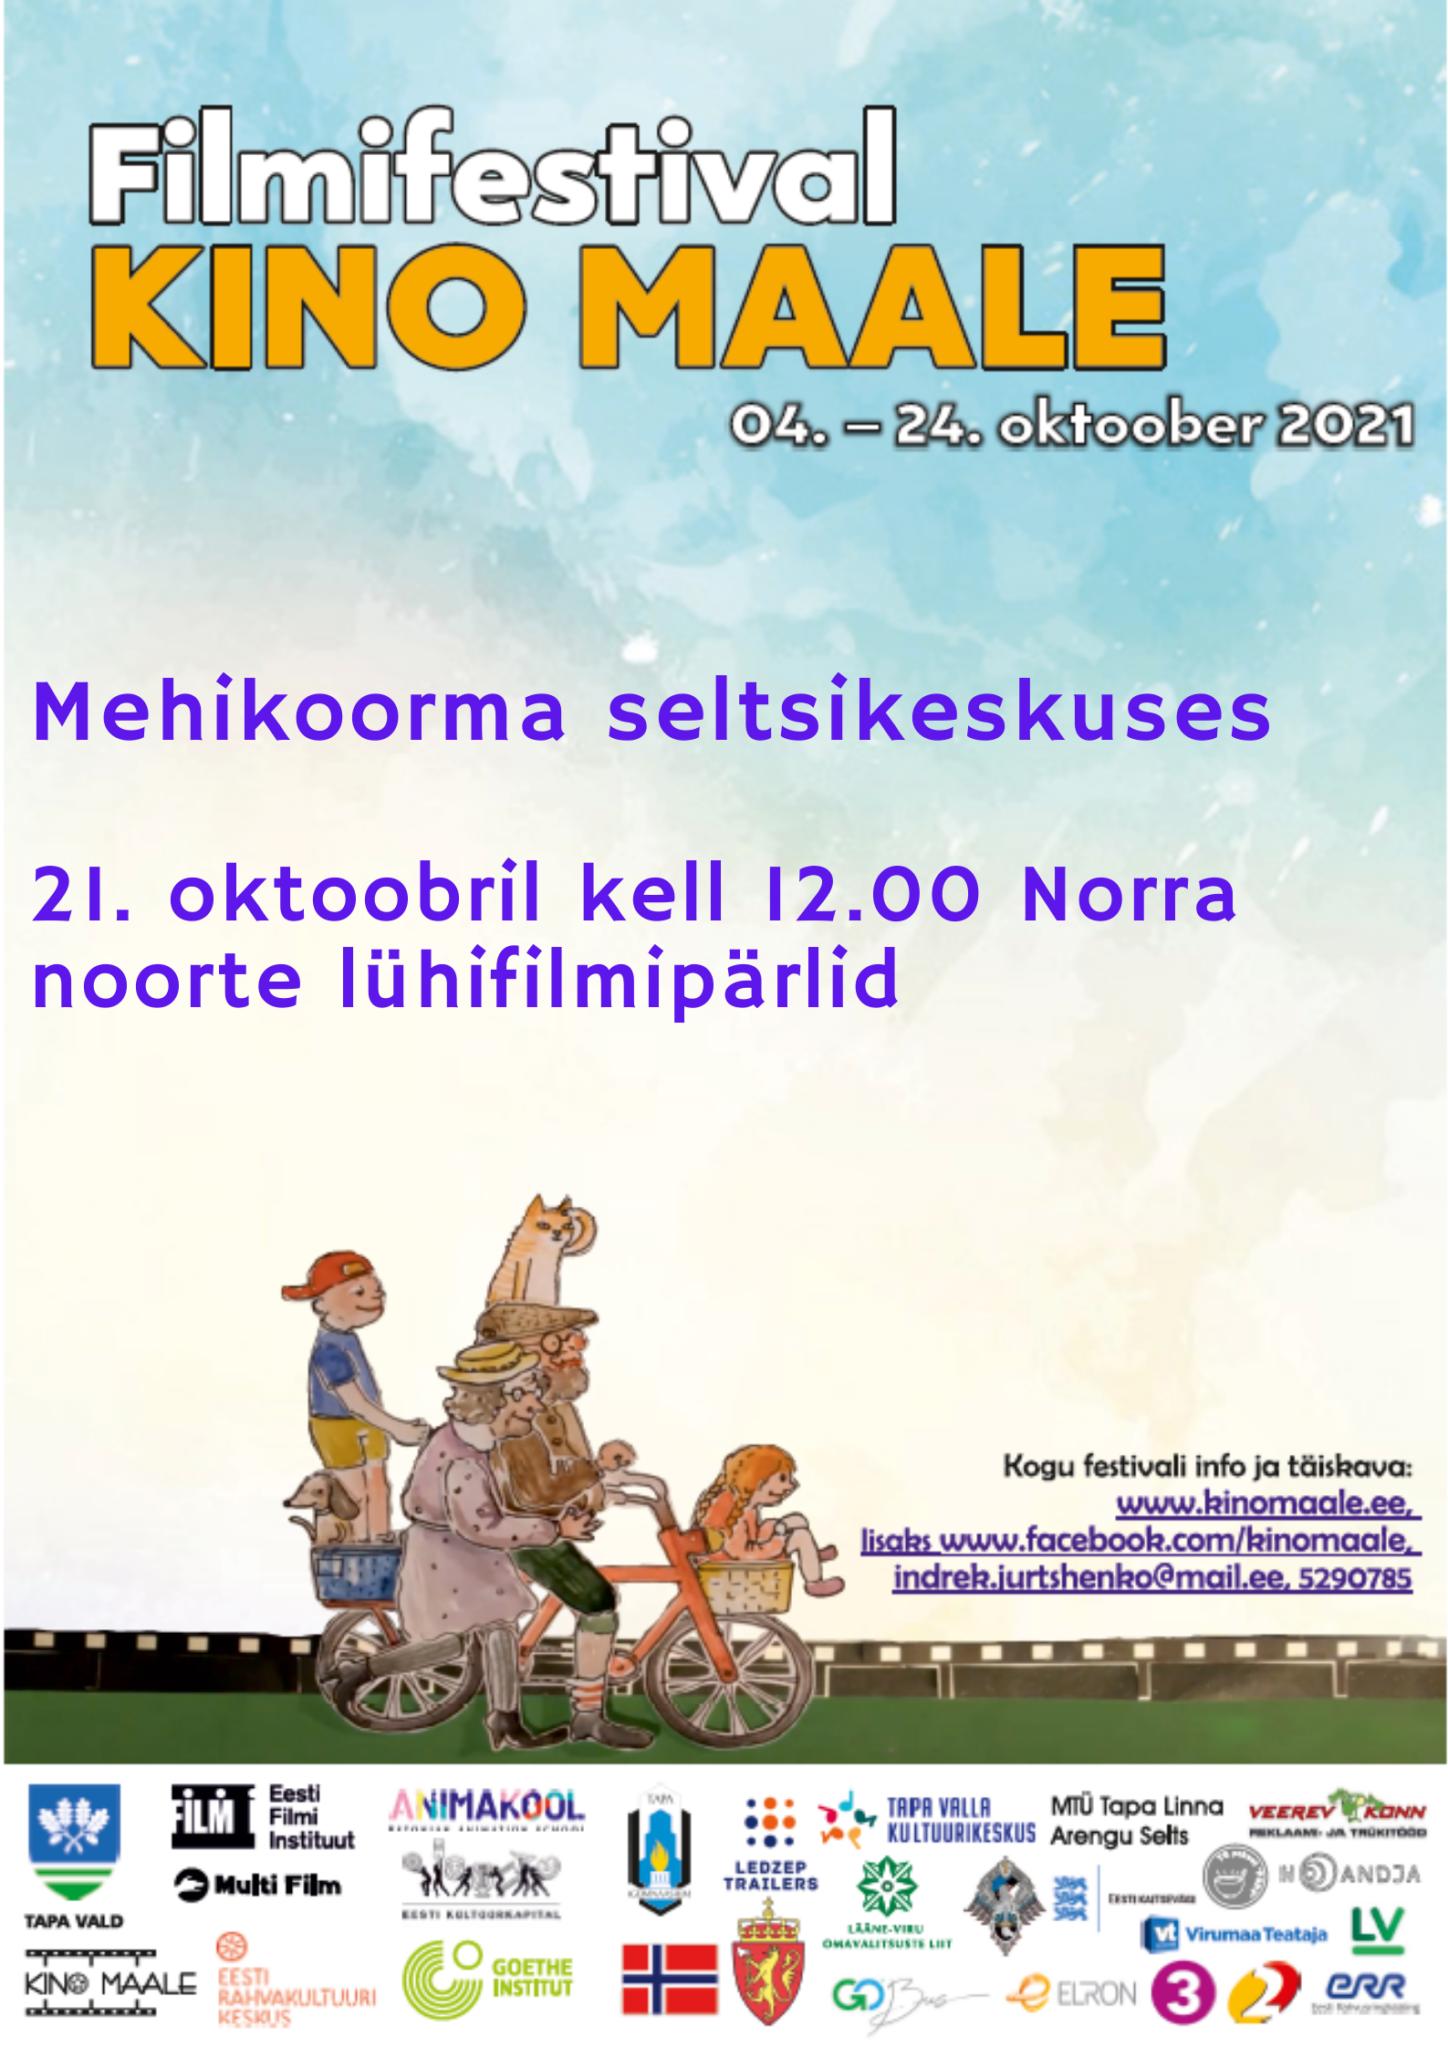 Filmifestival Kino maale: Norra noorte lühifilmipärlid 1 @ Mehikoorma seltsikeskus | Mehikoorma | Tartu maakond | Eesti